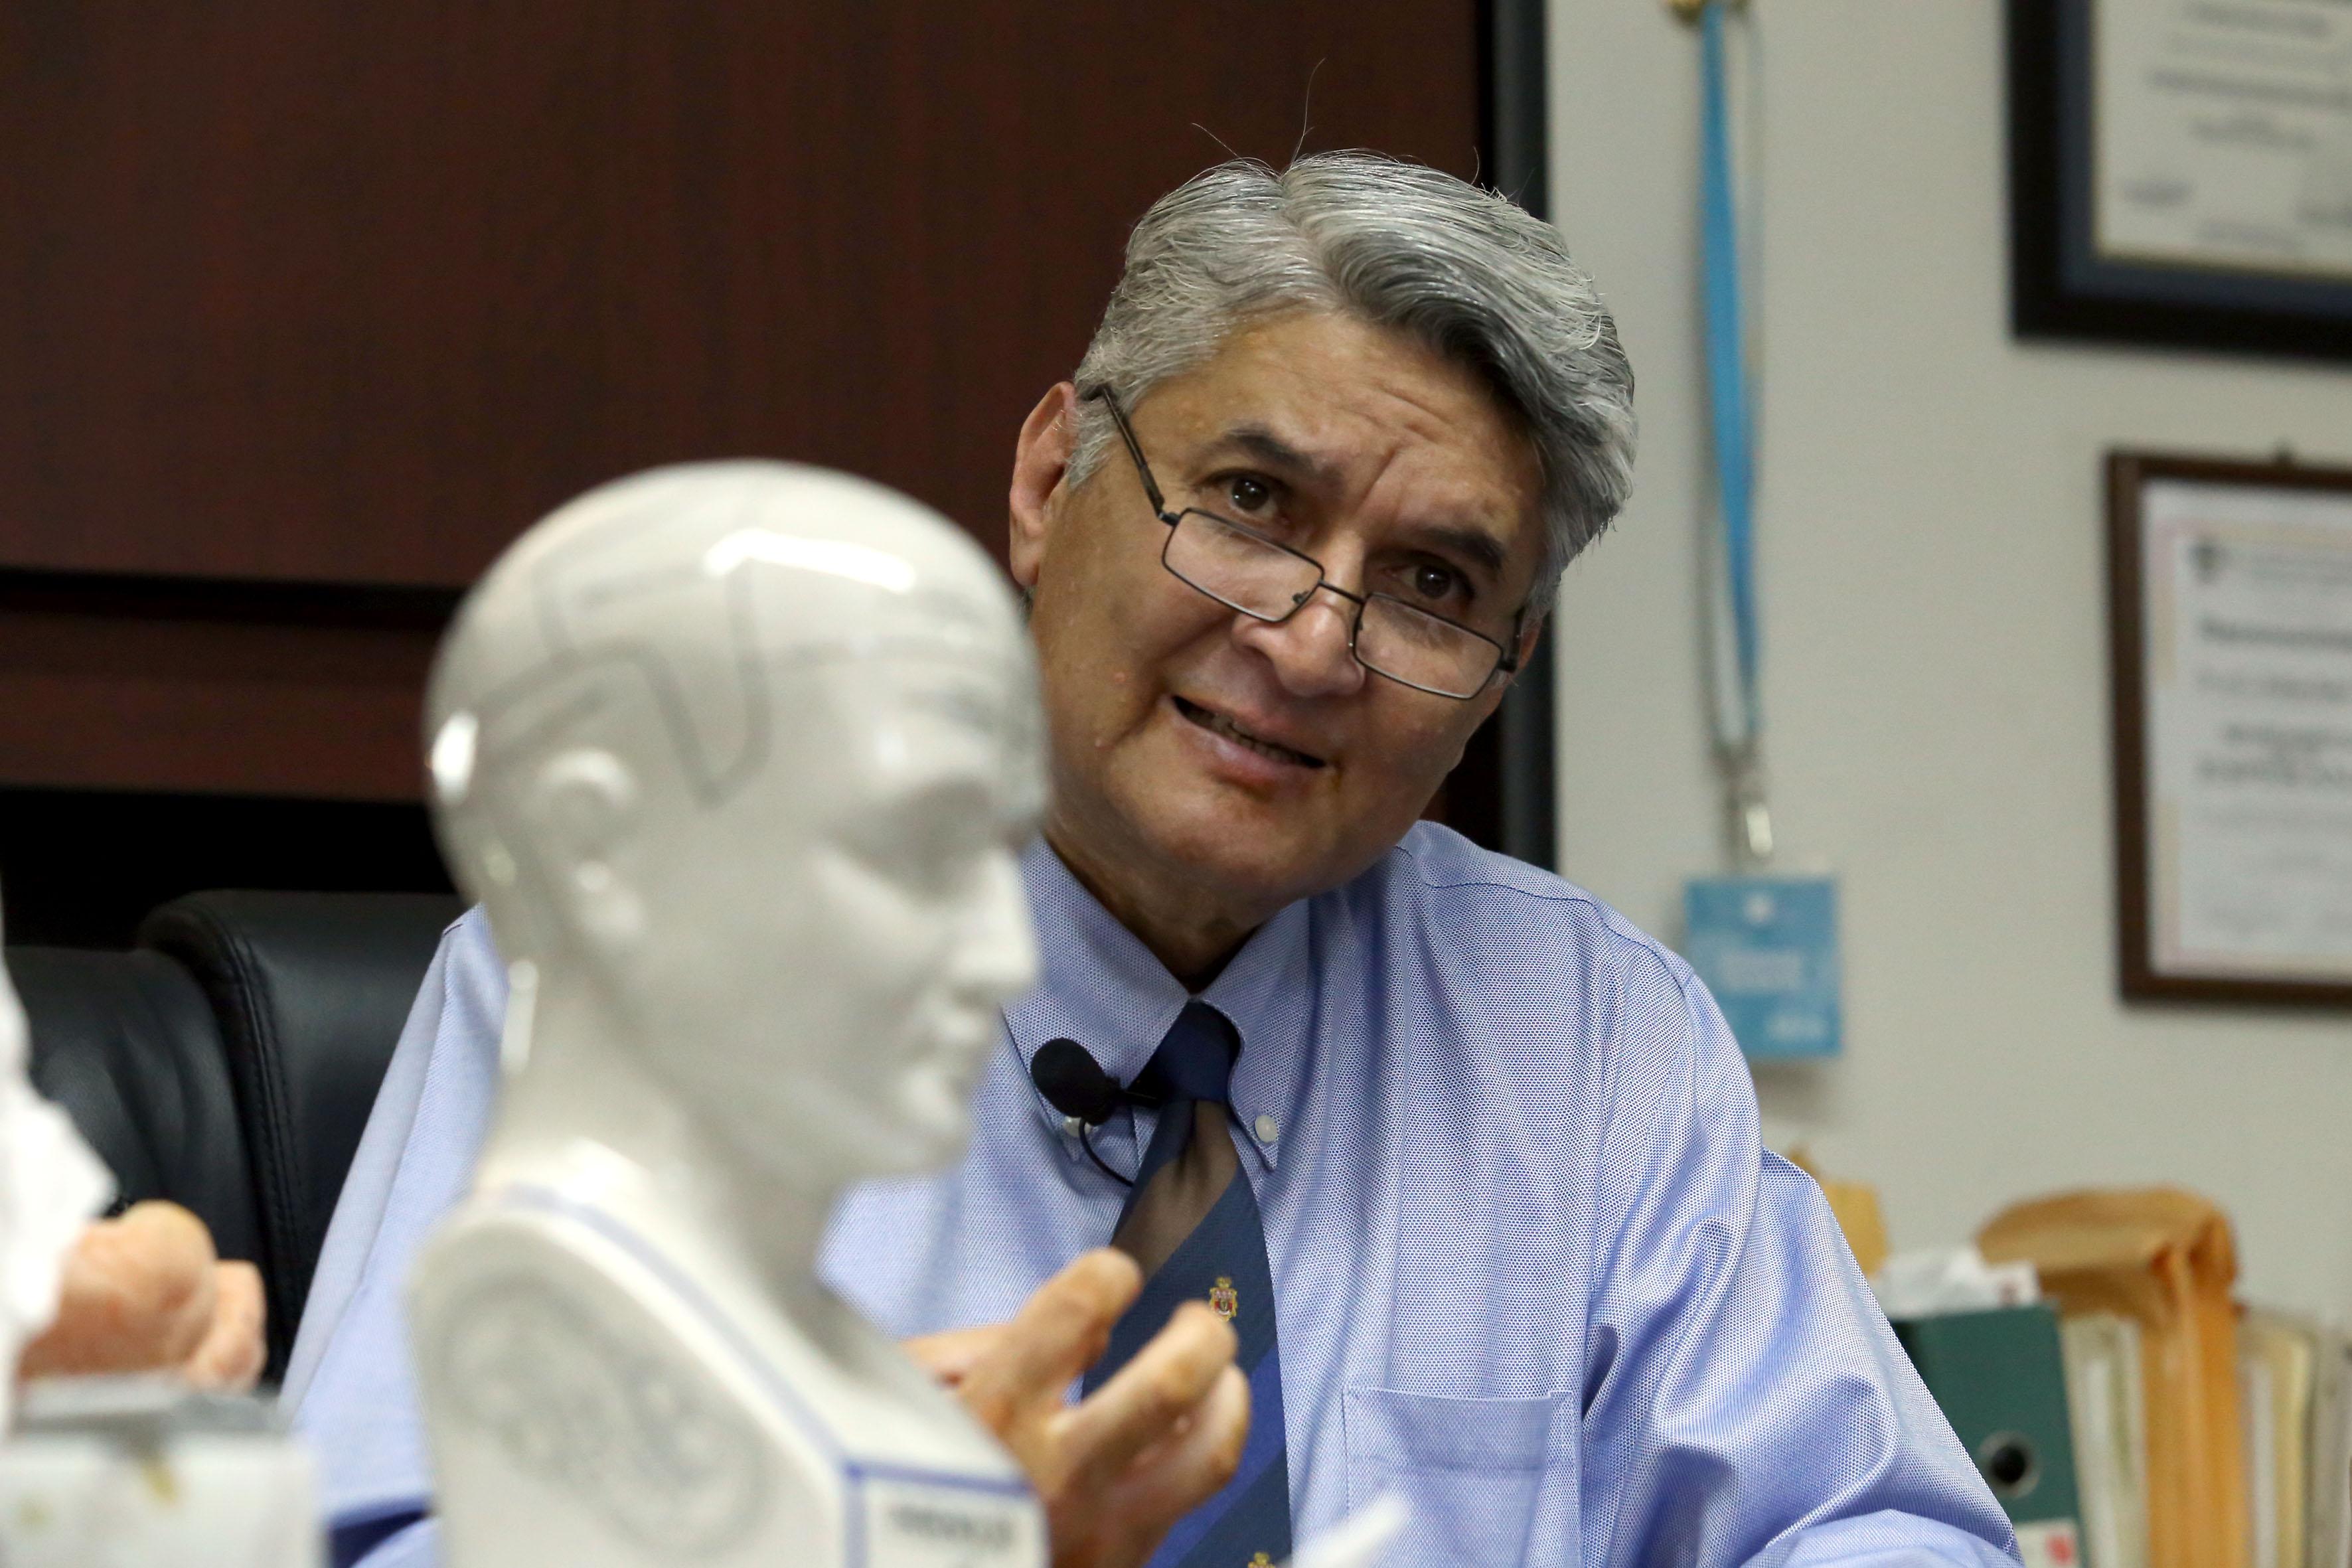 Imagen de la réplica de un cerebro, al fondo del Dr. Rodrigo RAmos